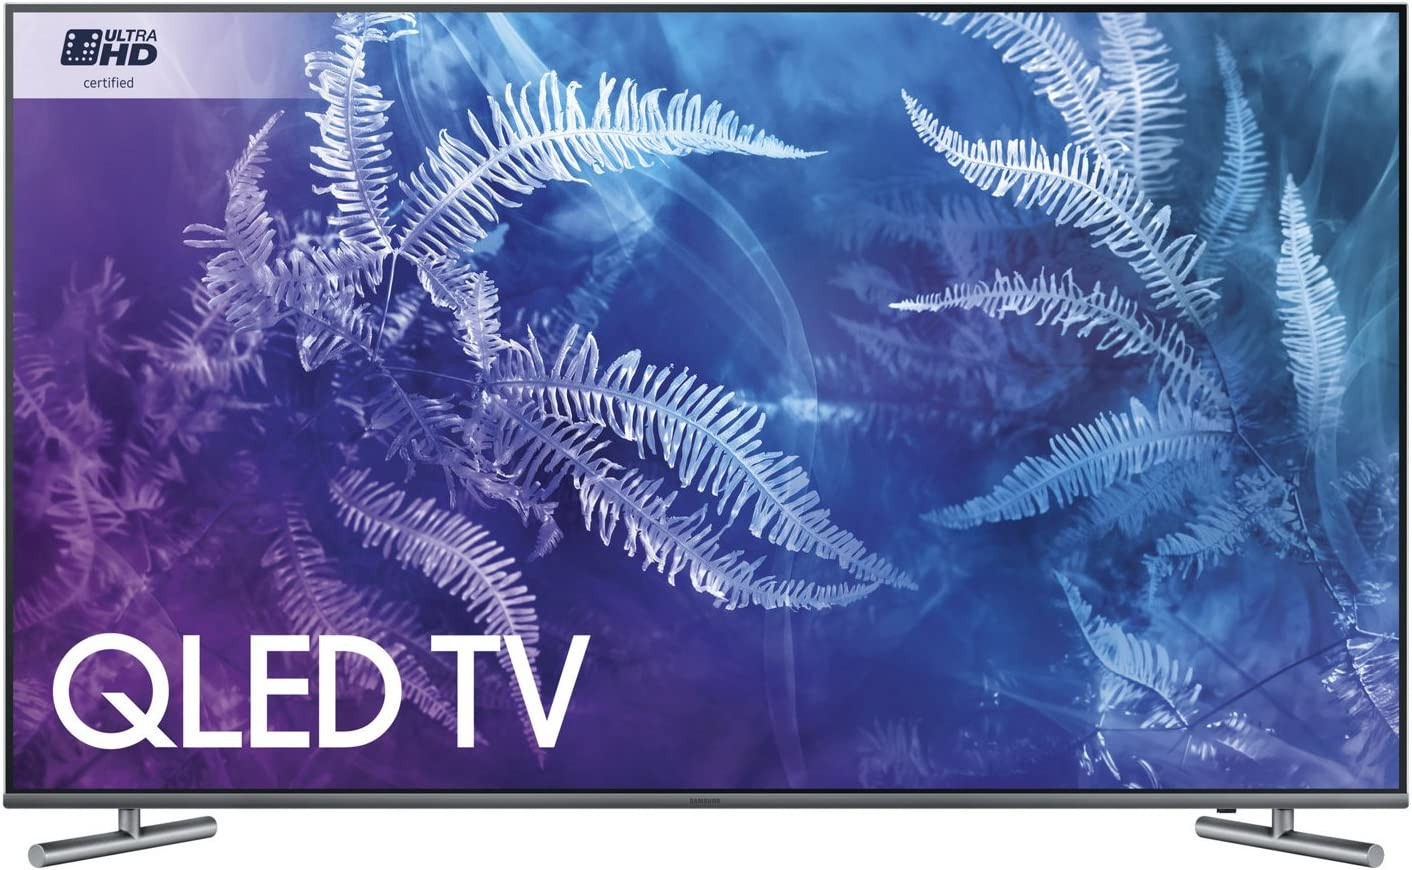 SAMSUNG Q6f de 55 Pulgadas 2017 QLED Ultra HD 4k Certificado HDR 1000 Smart TV: Amazon.es: Electrónica